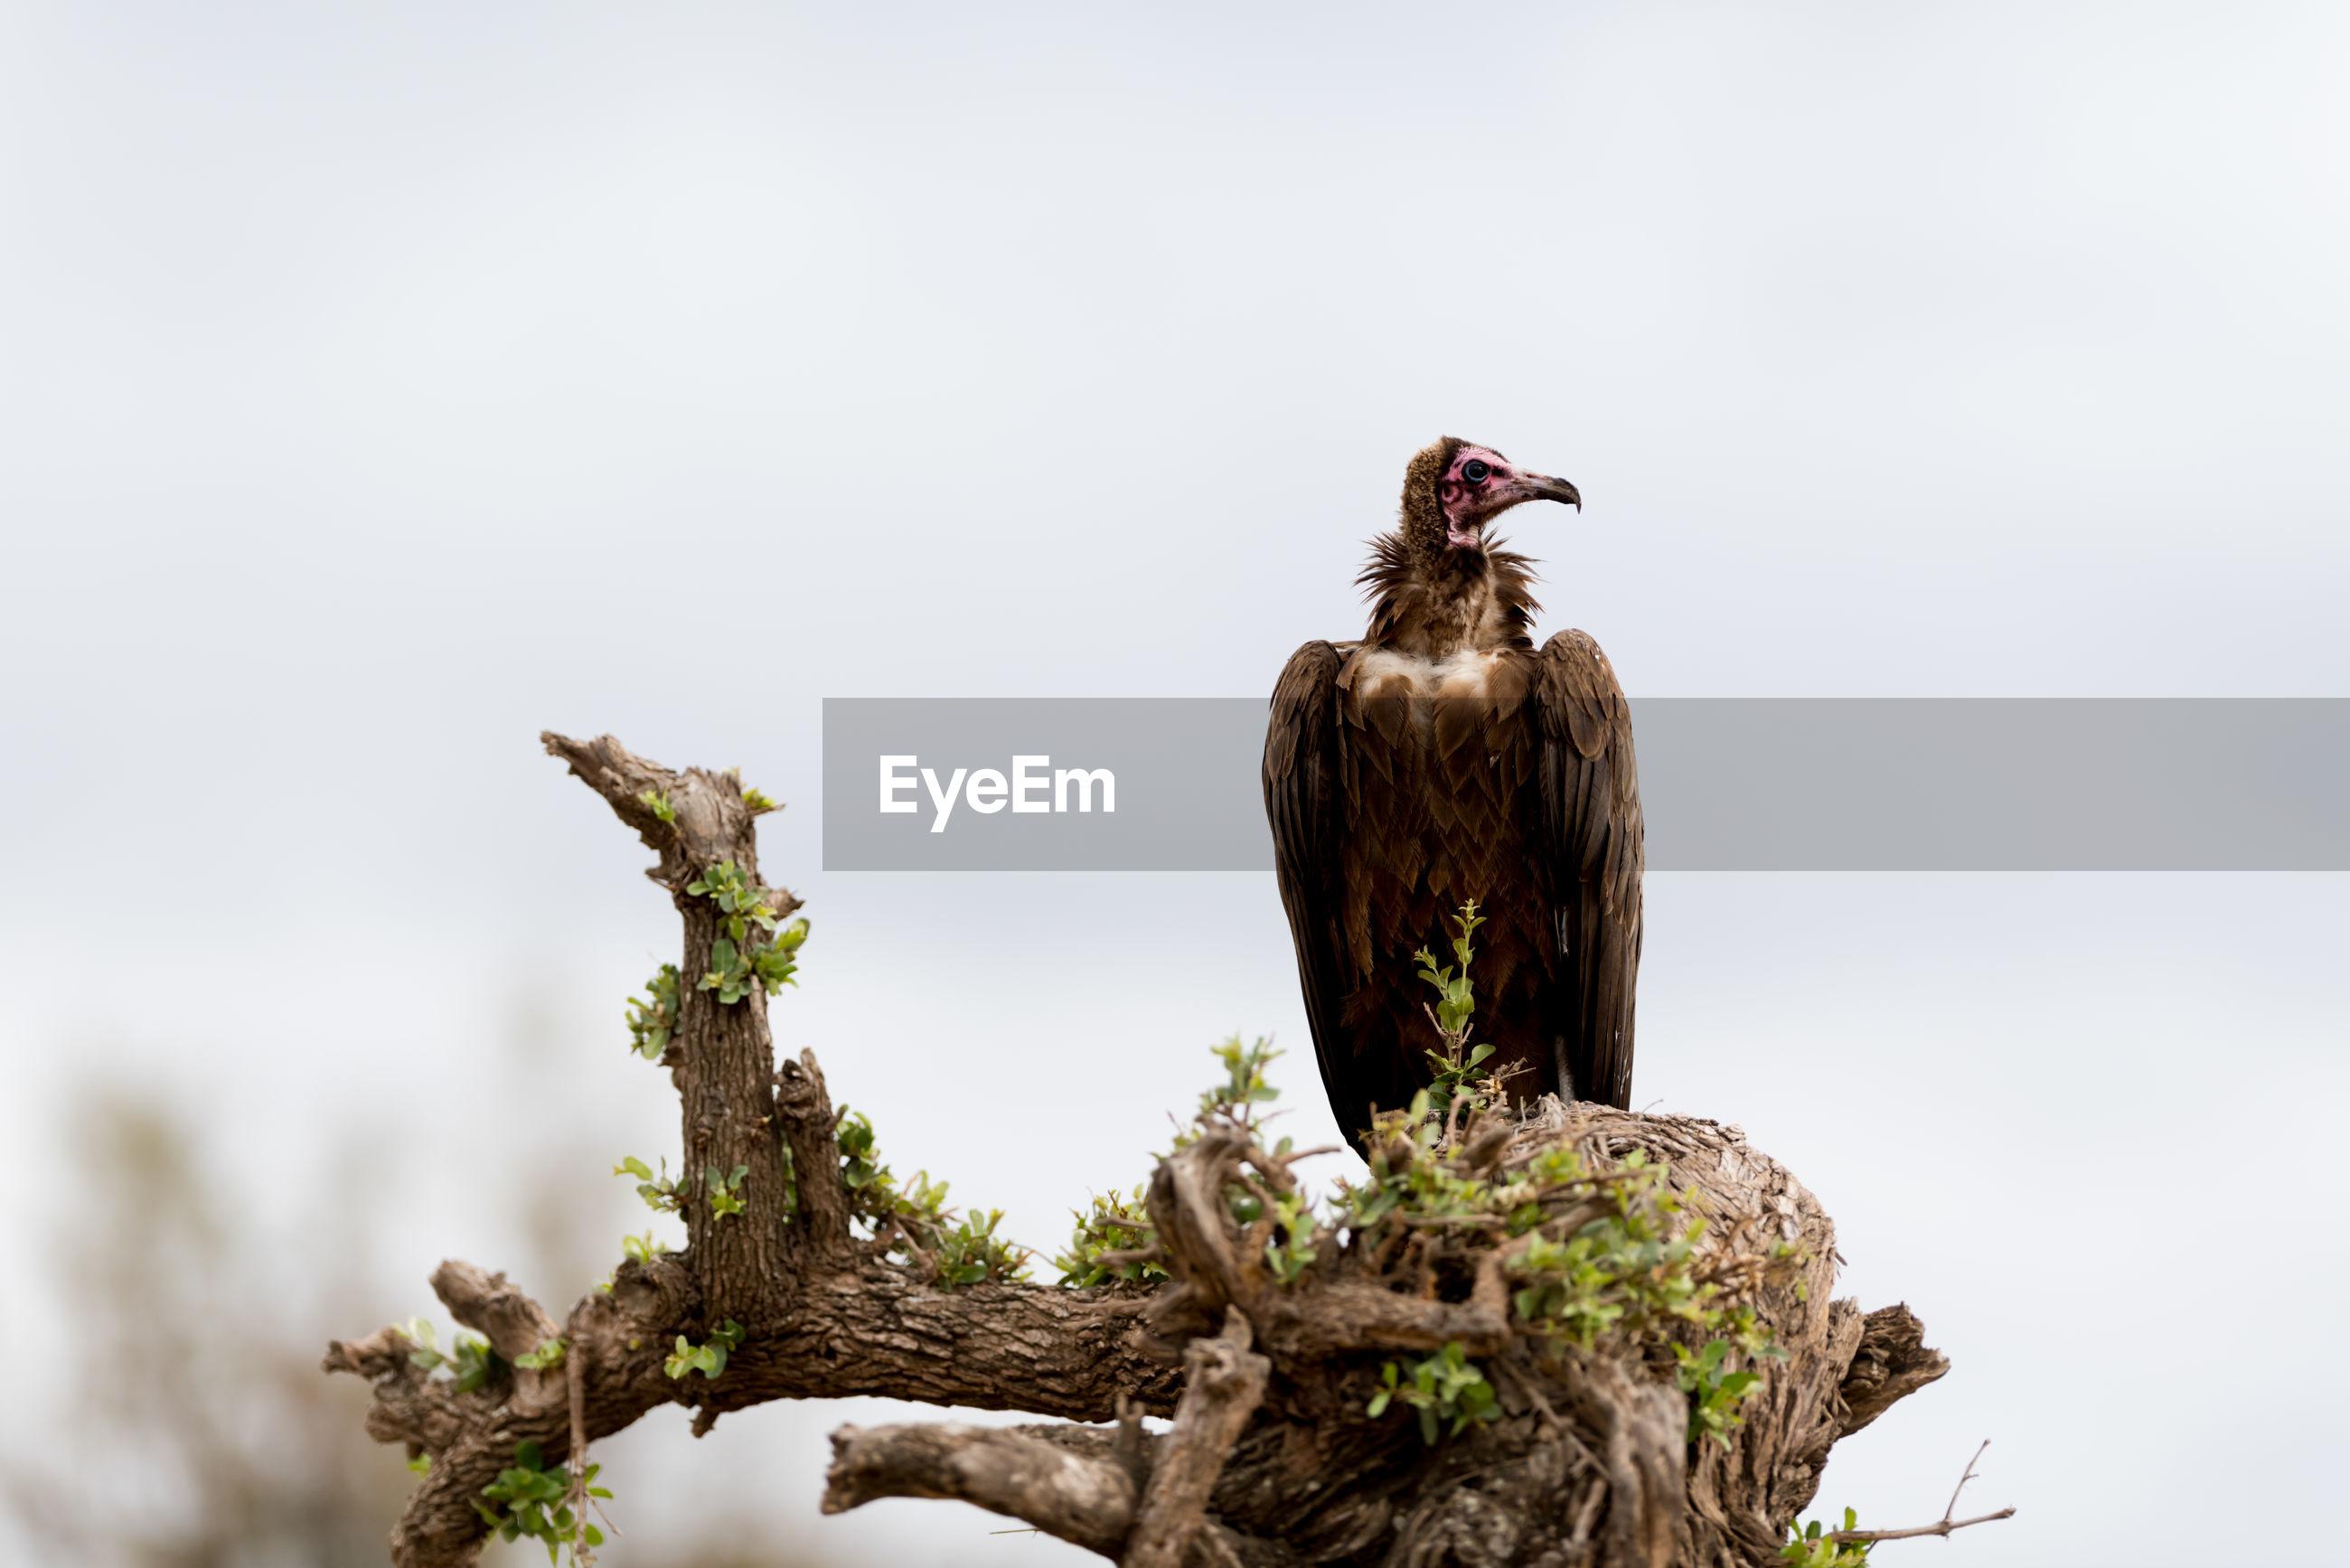 Bird perching on a tree stump